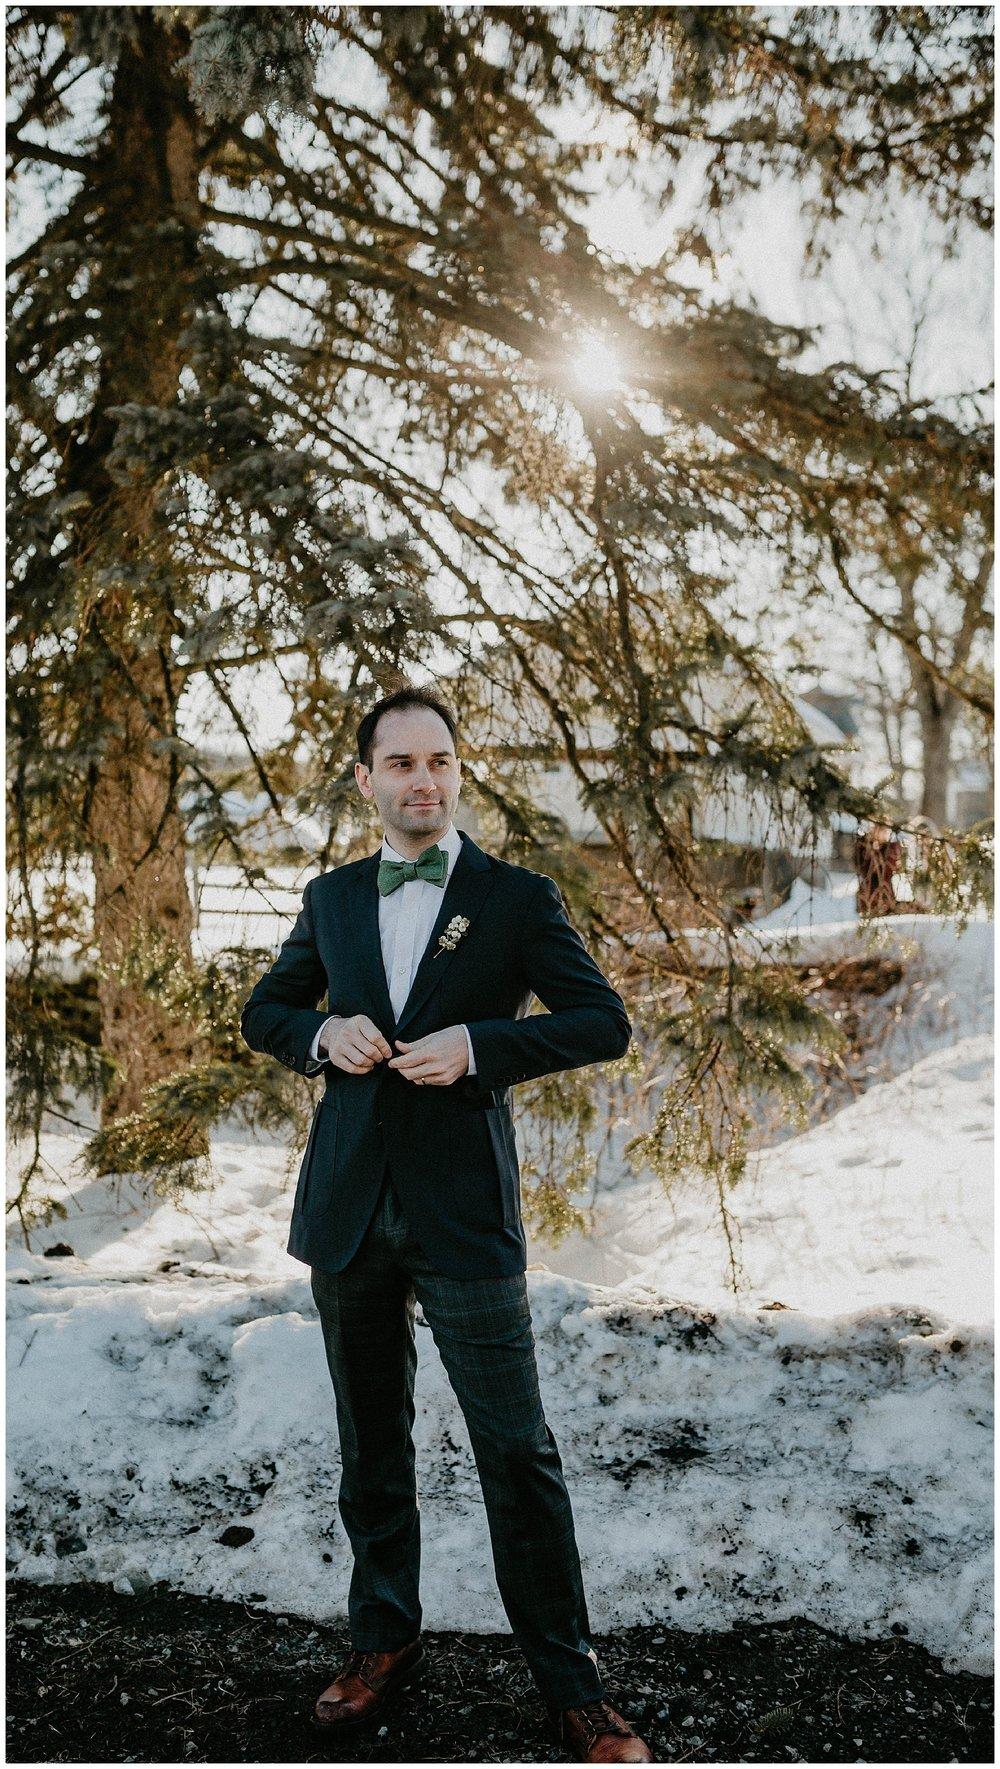 Pocono Winter Wedding with Bride and Groom_0196.jpg